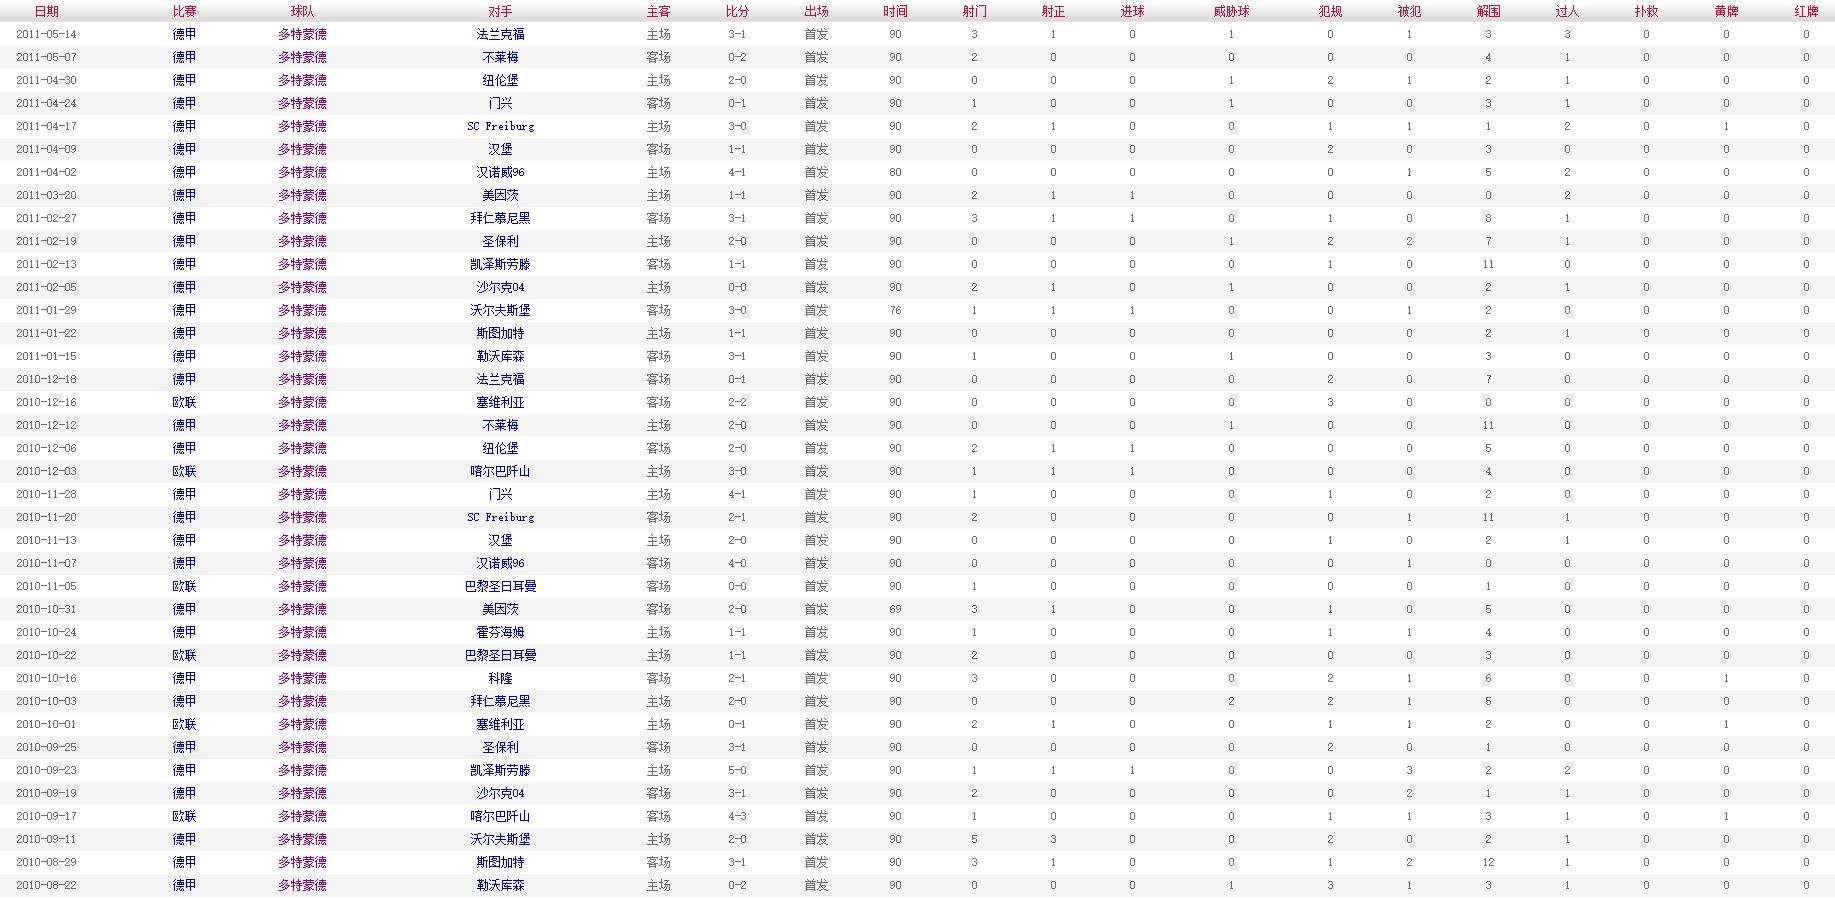 胡梅尔斯 2010-2011赛季比赛数据